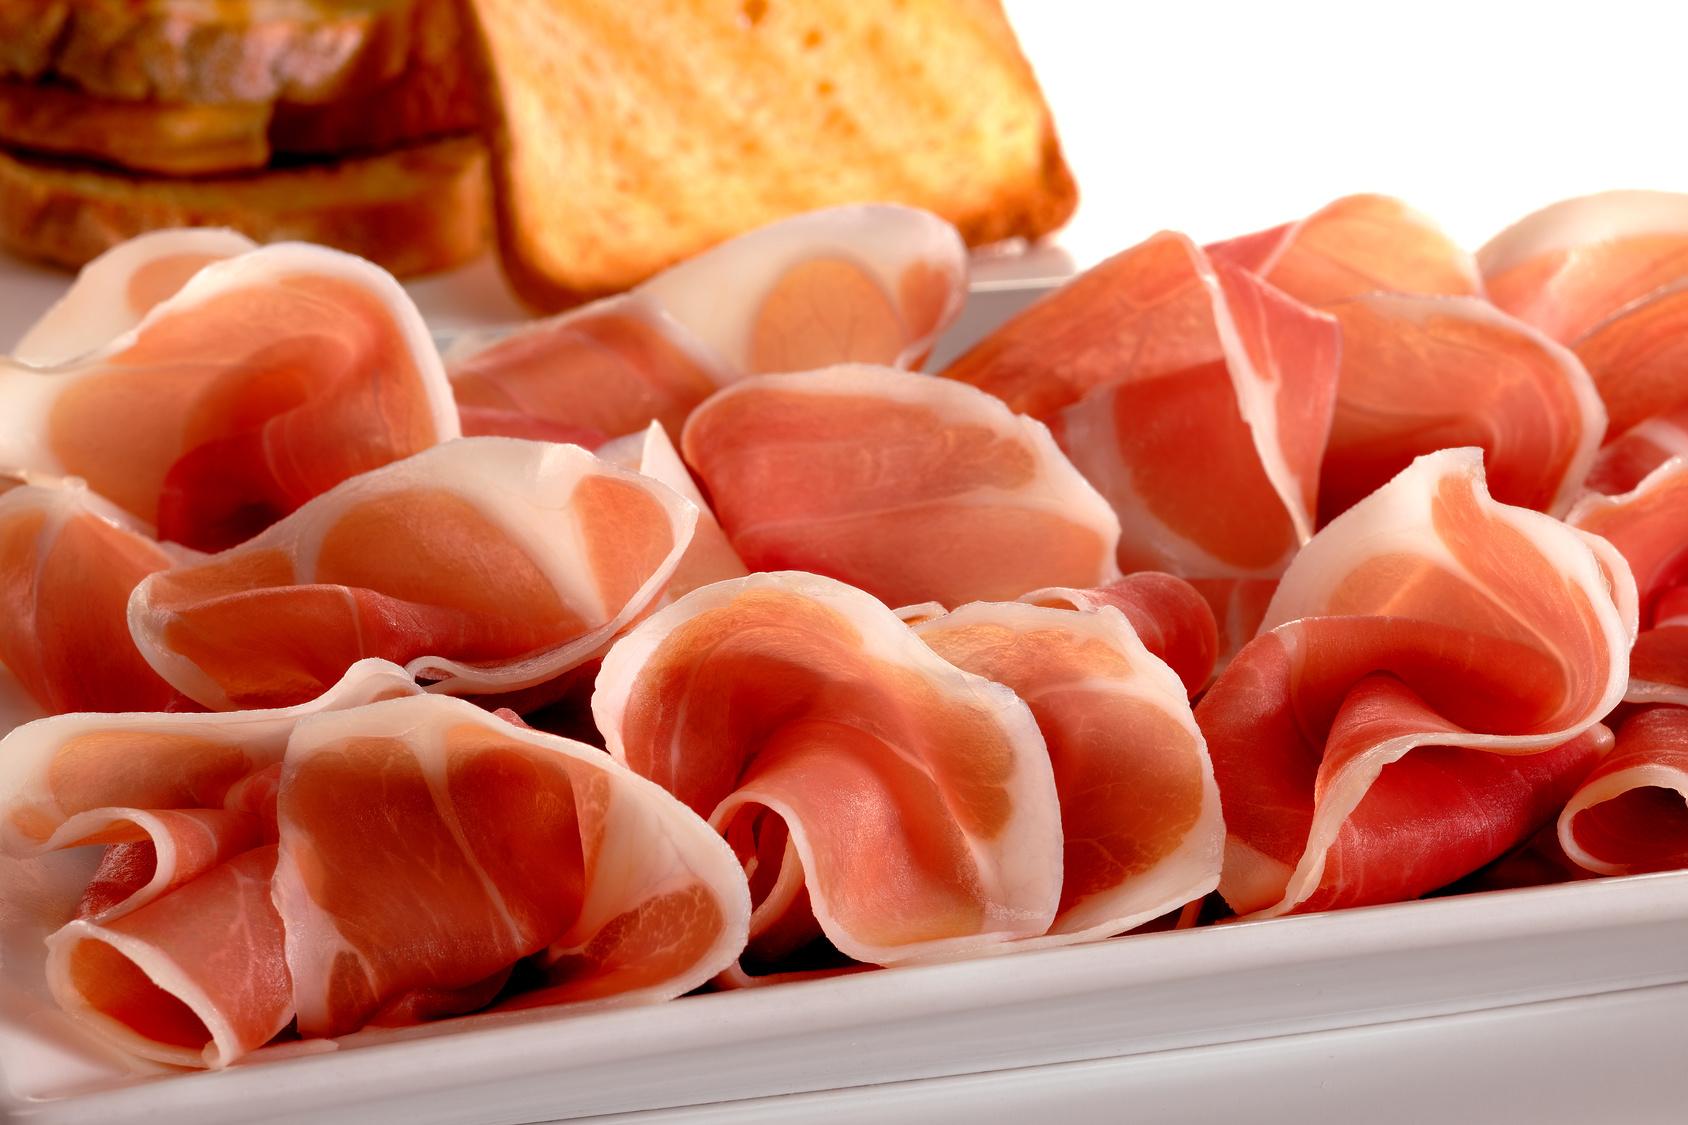 Friuli Venezia Giulia, rosa come il San Daniele prosciutto crudo